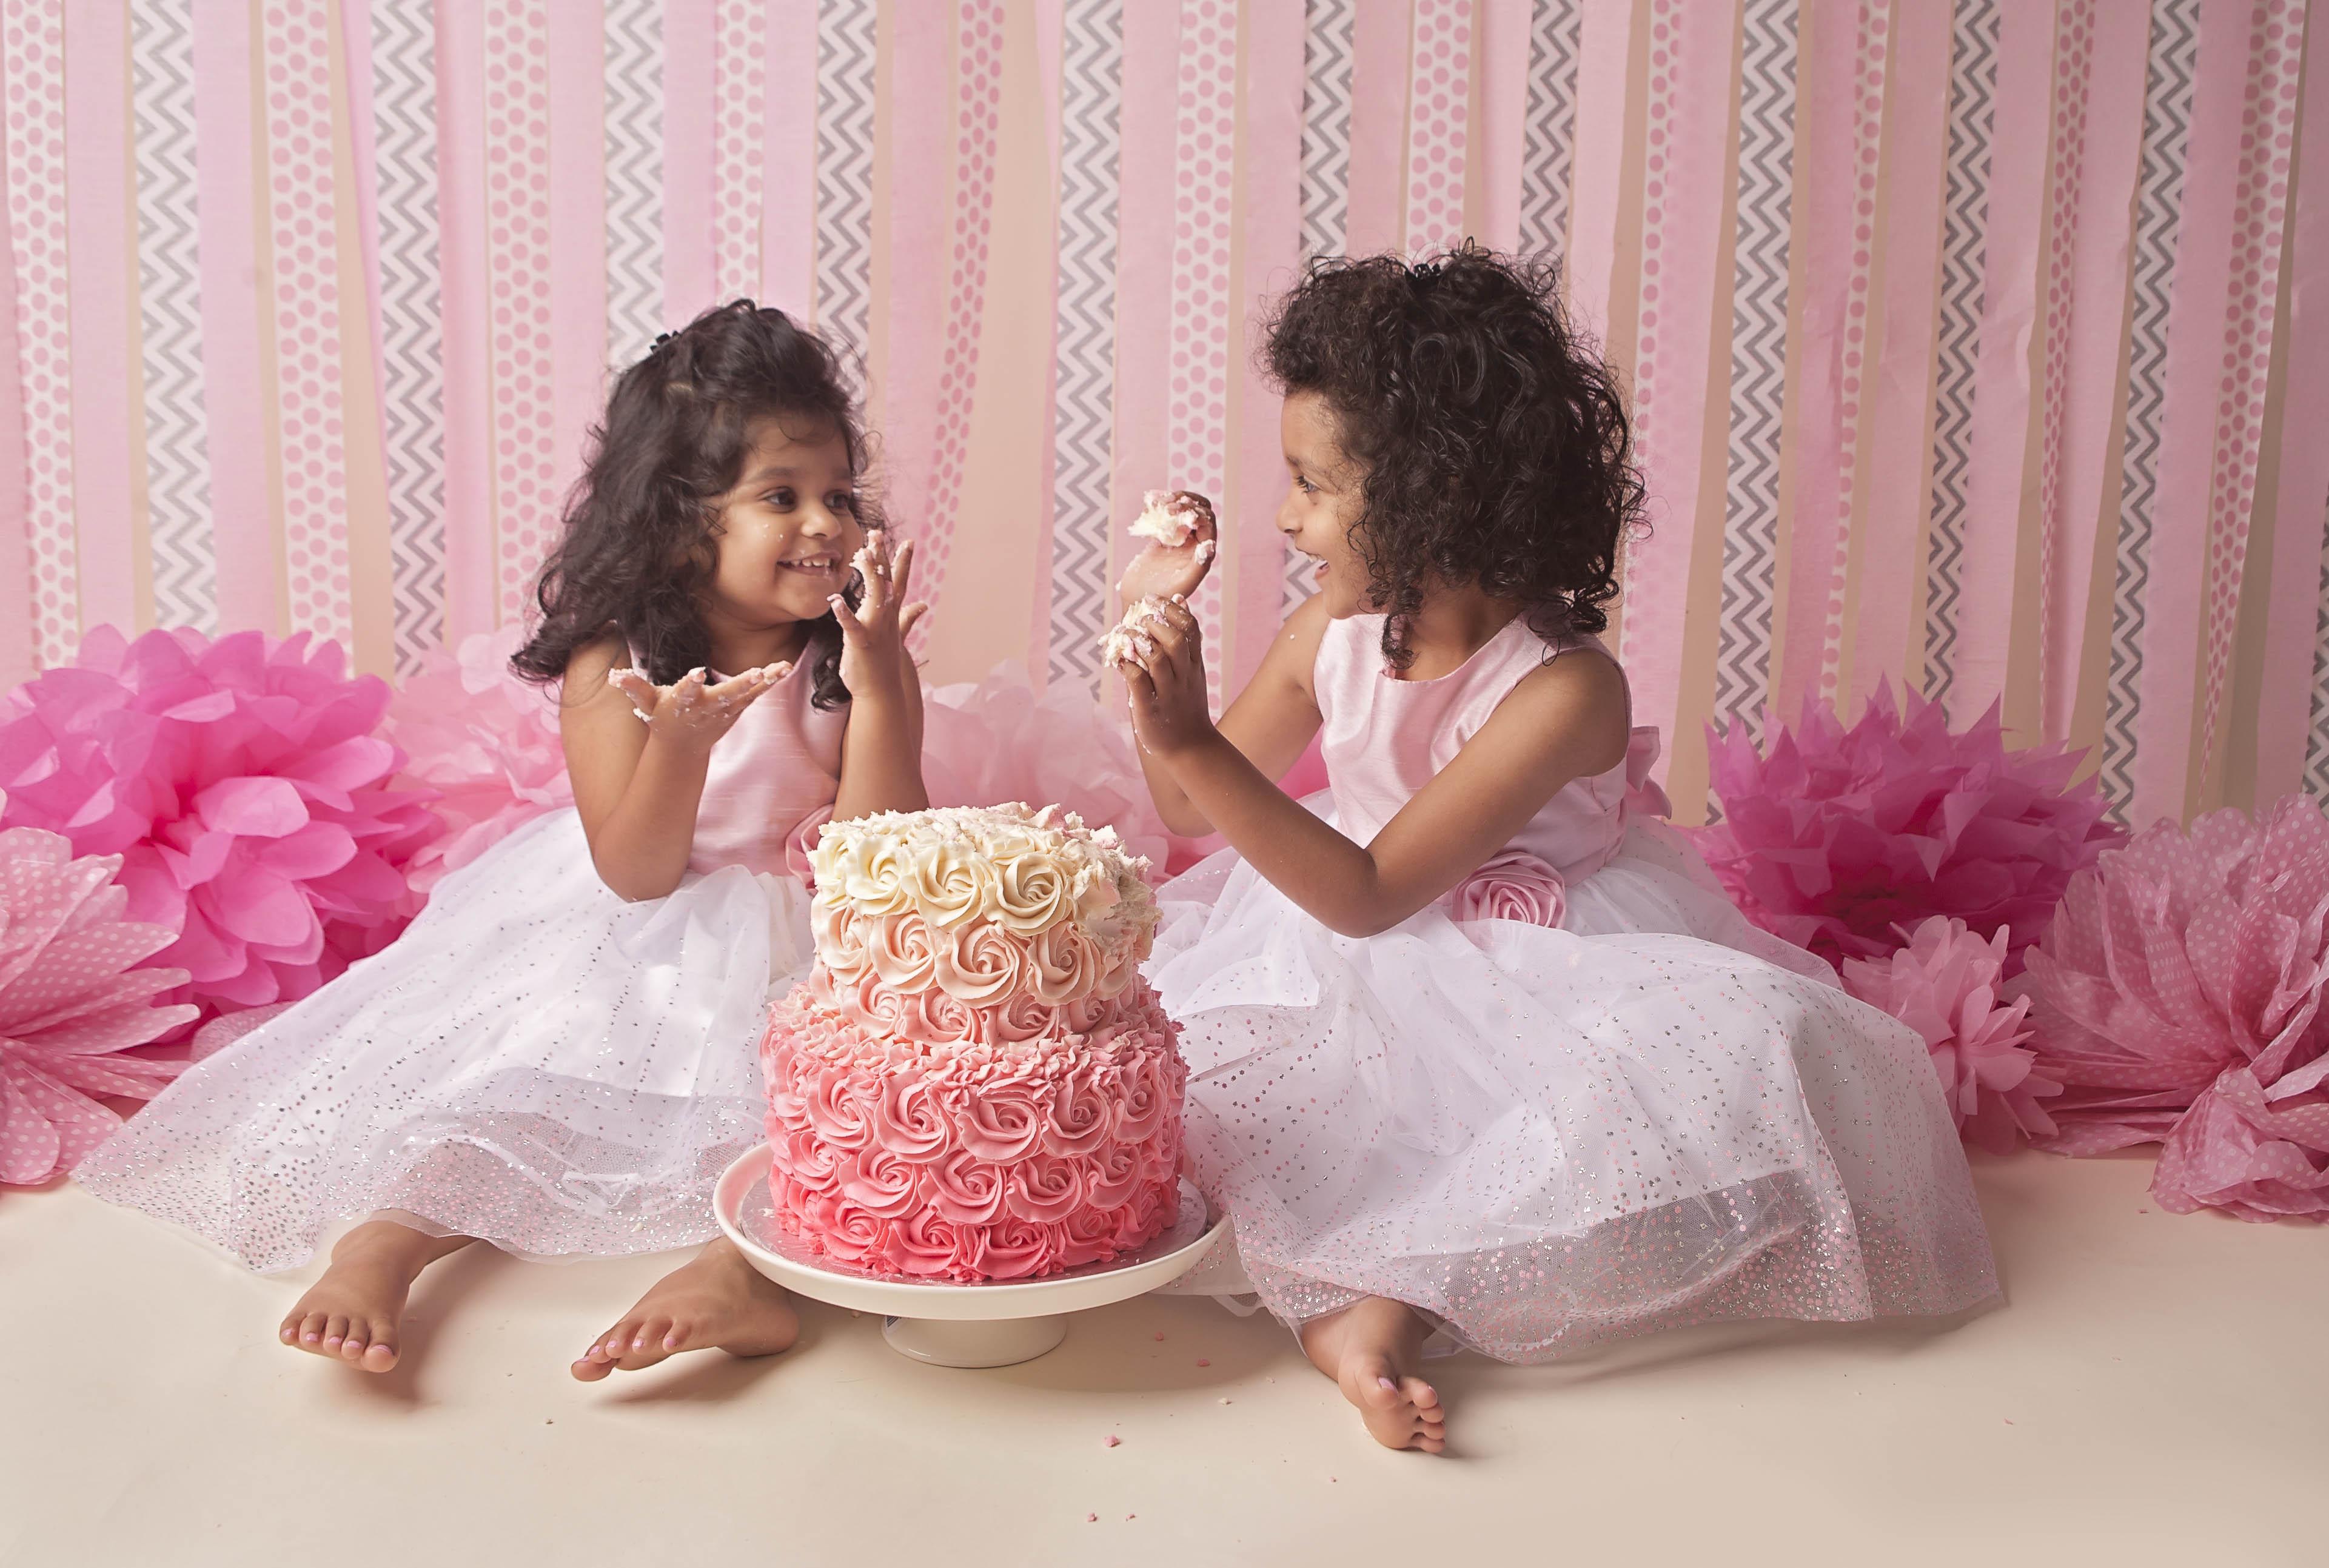 older child cake smash photo